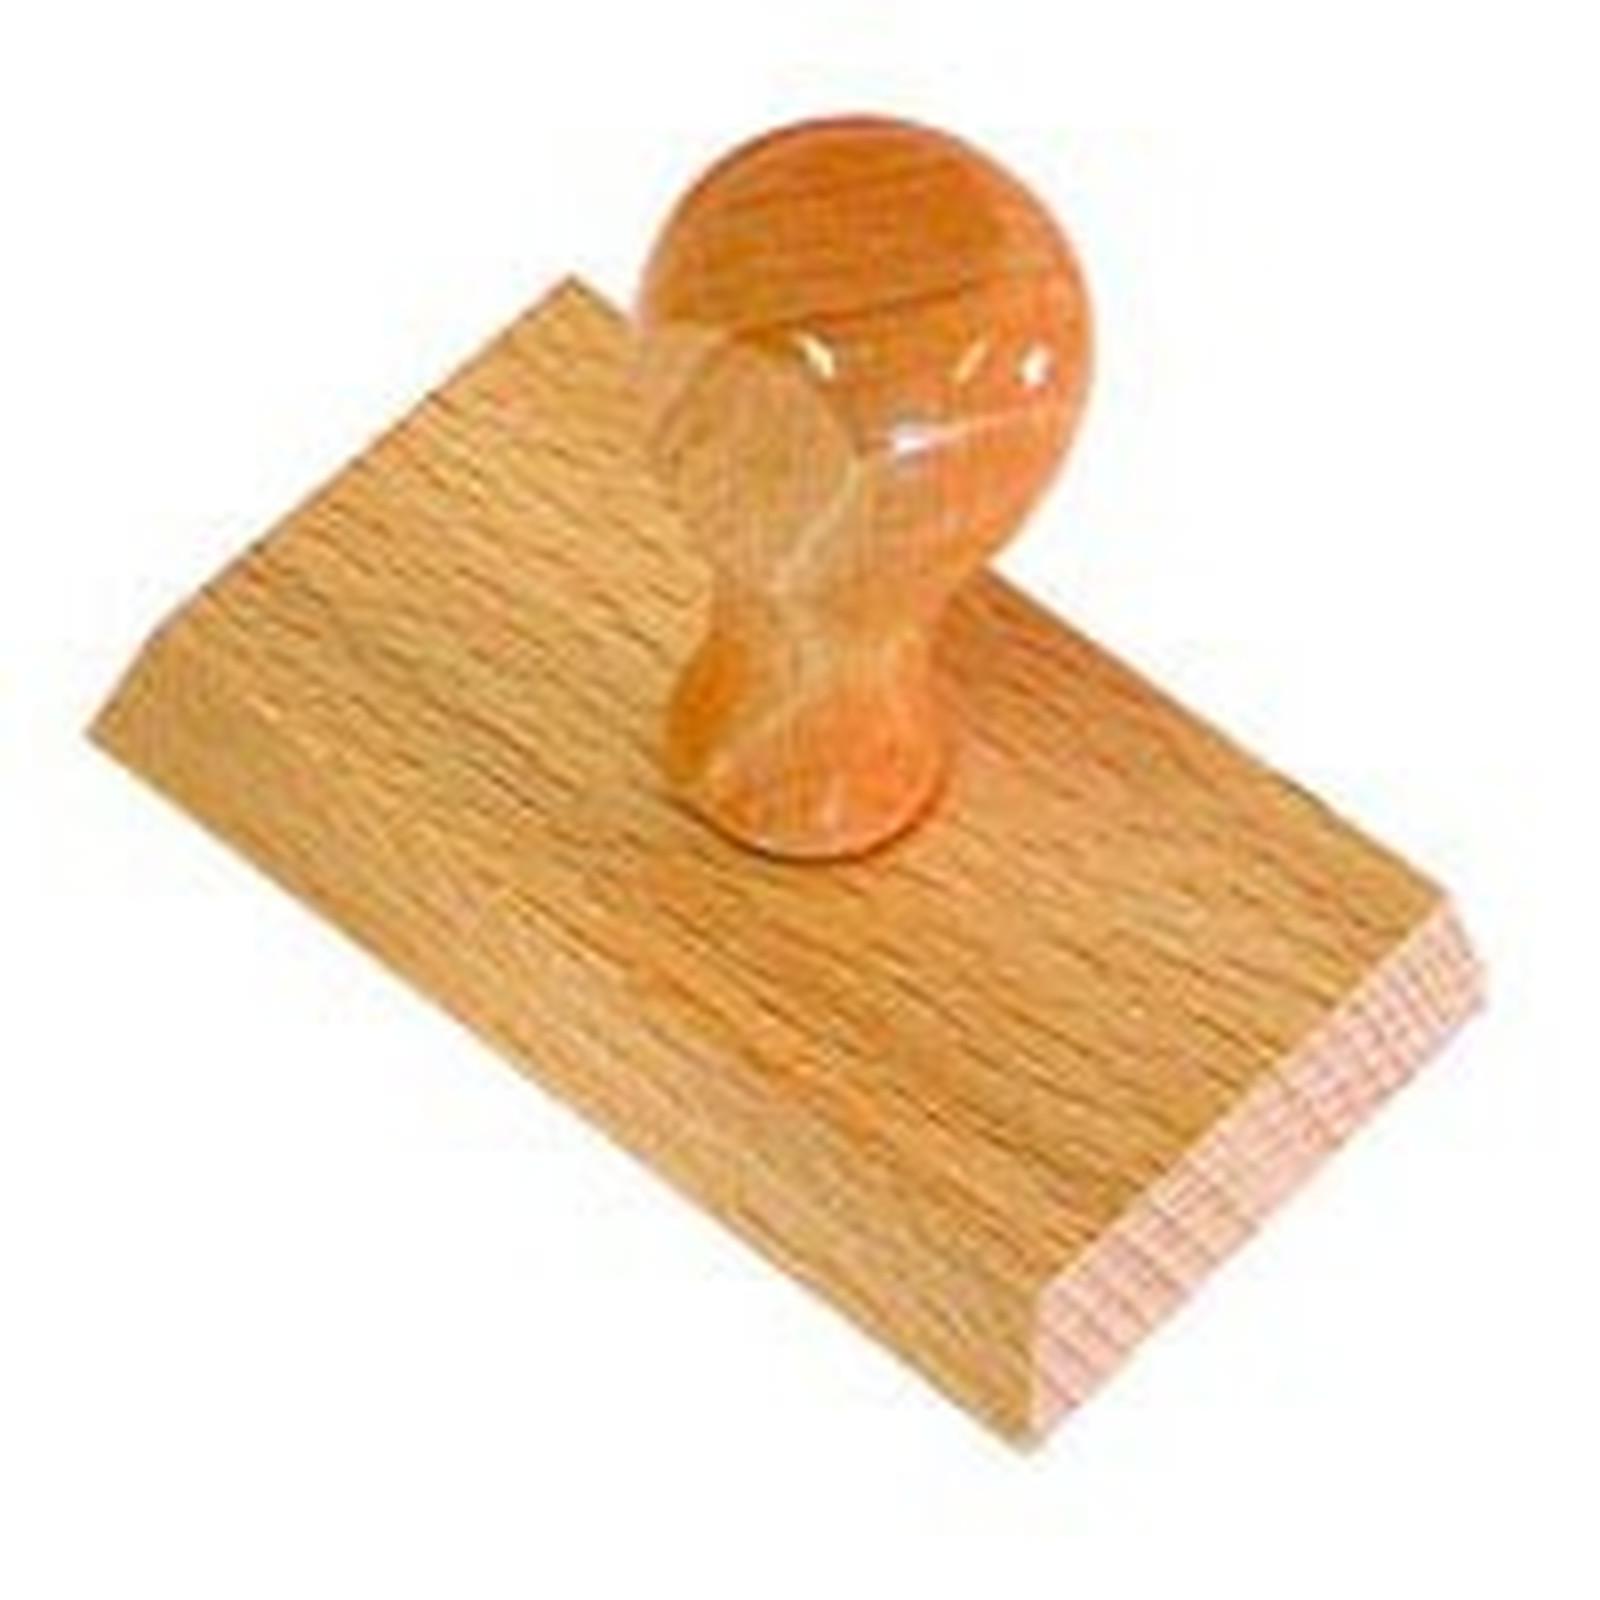 Timbre en bois 1 ligne sans cadre